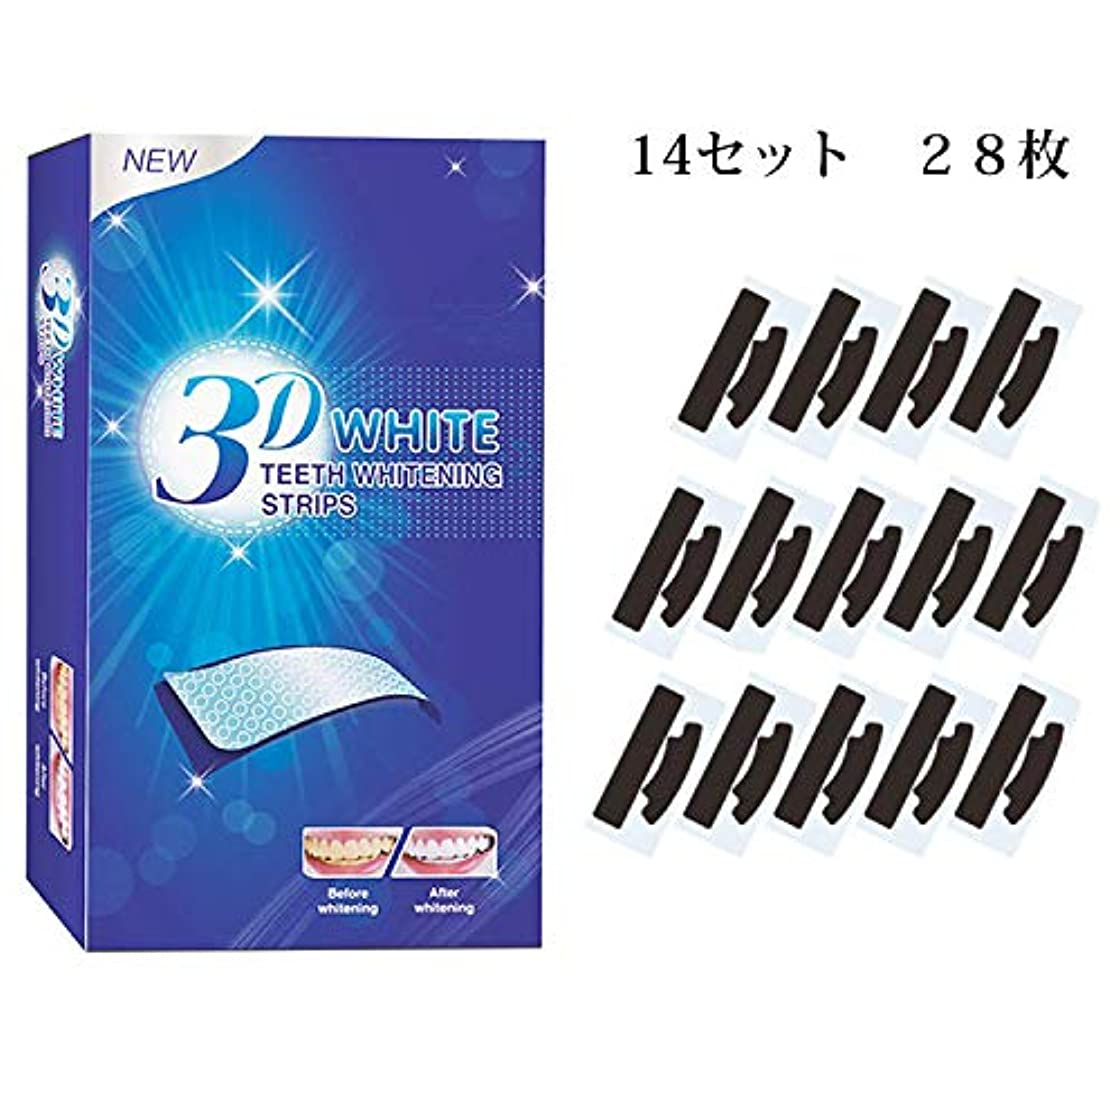 青消毒する不透明なNENULA ホワイトニング Double Elastic Gel Strips 14セット 28枚入り日本語取扱説明書